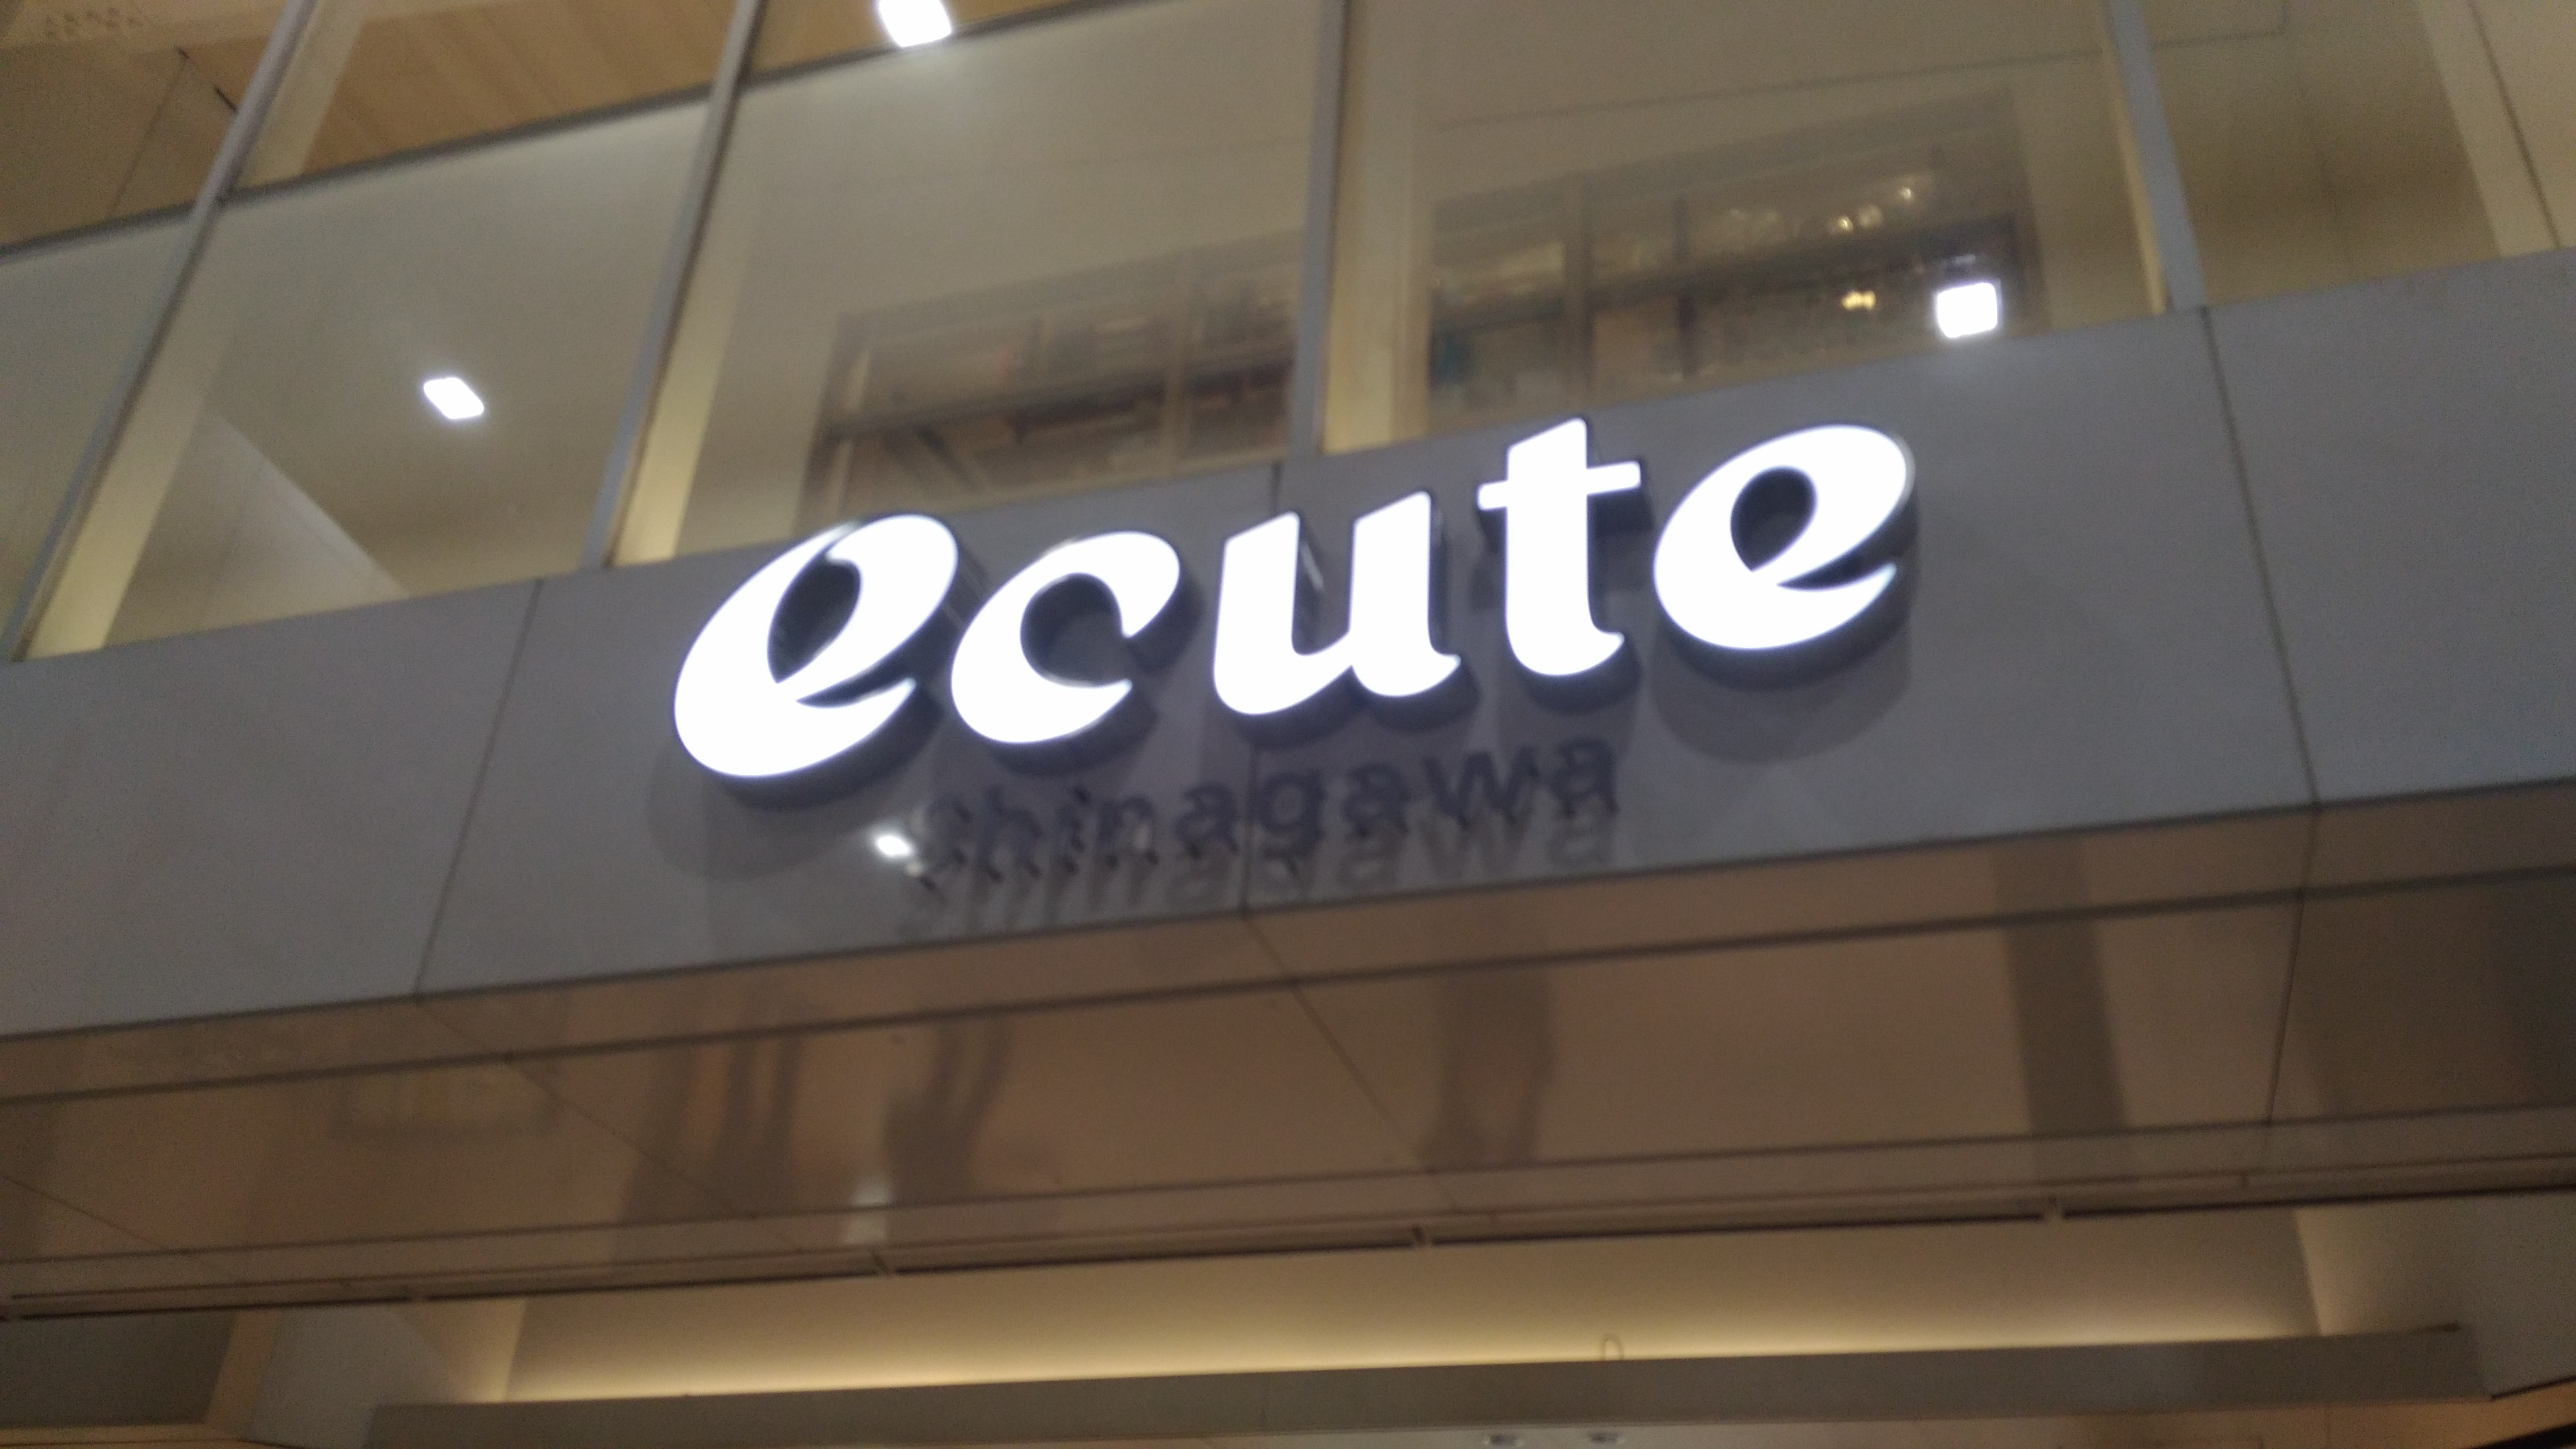 ecute品川の看板